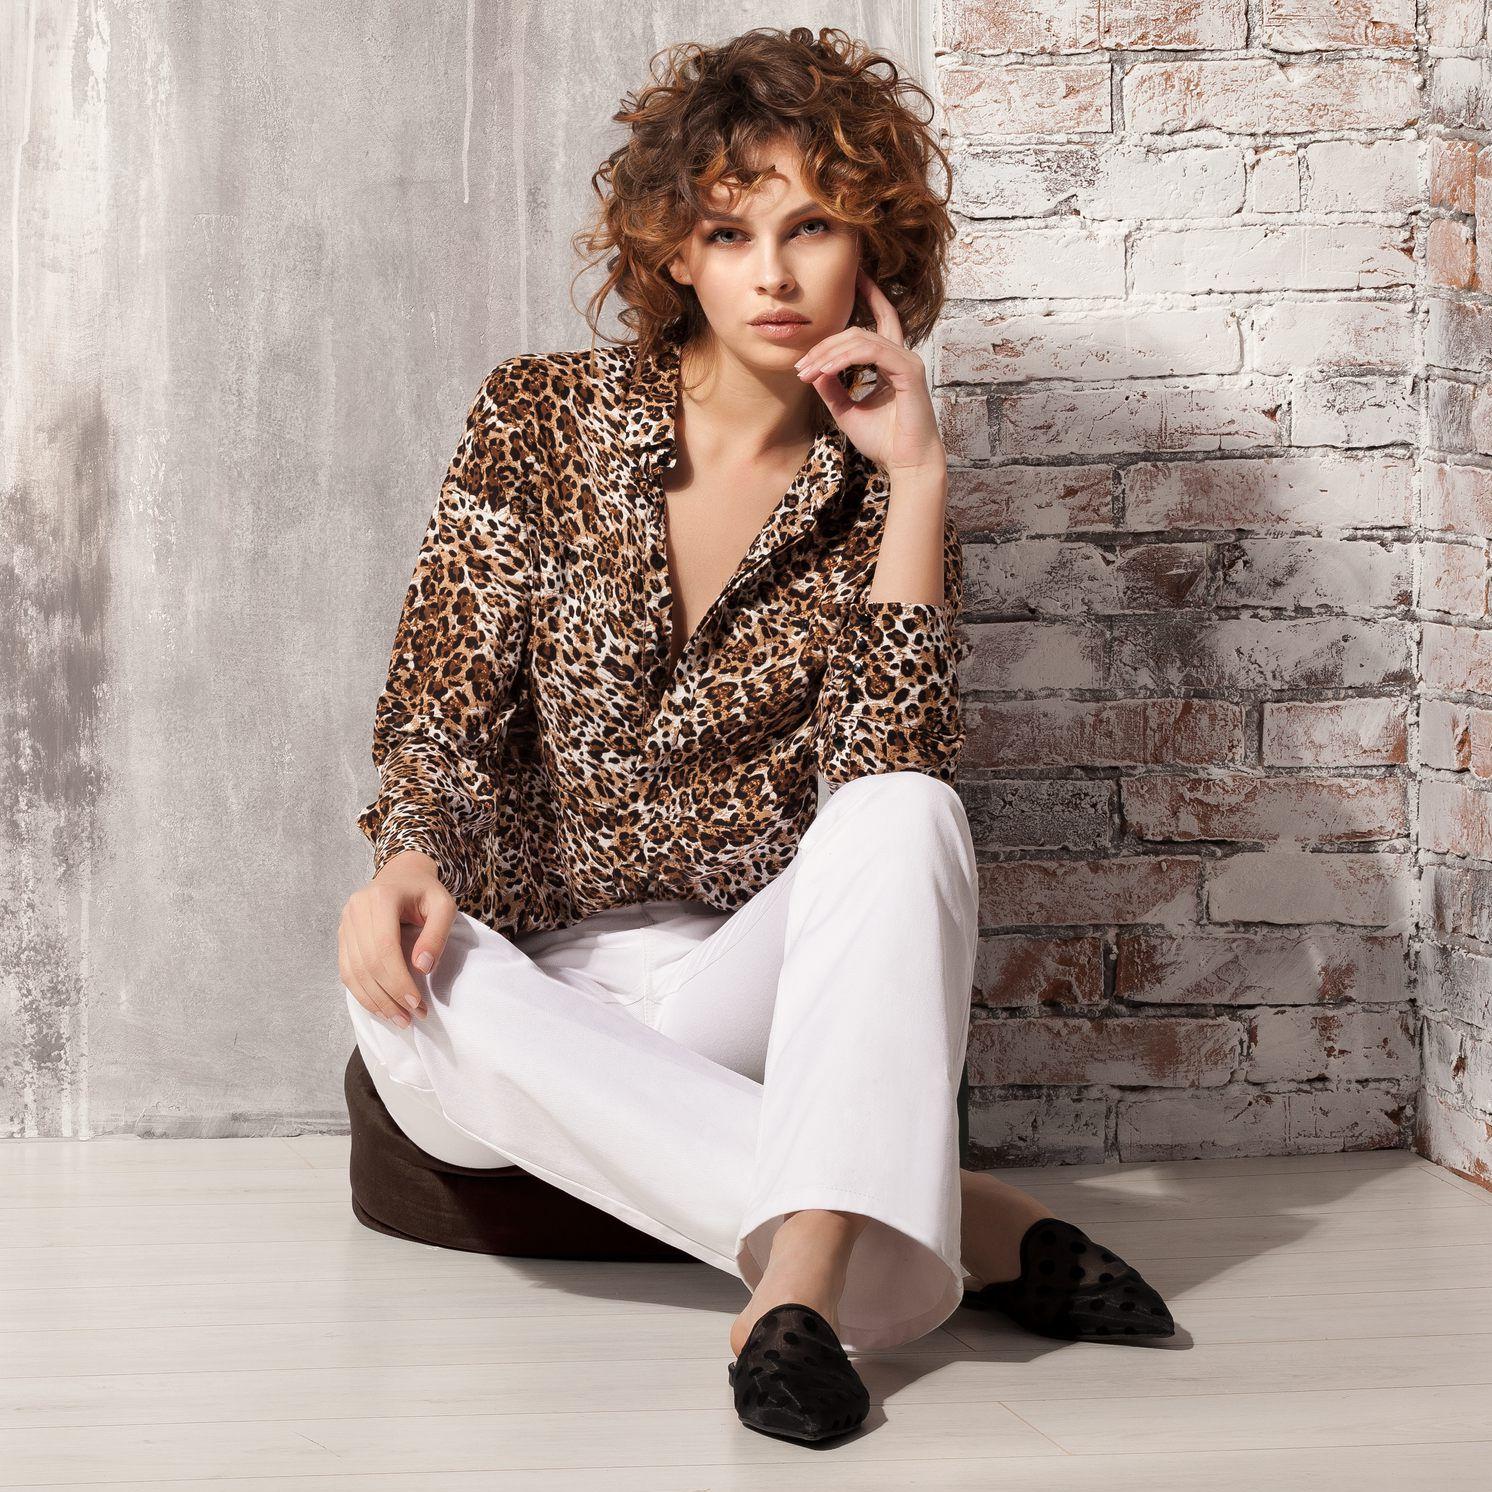 Купить стильную женскую одежду в интернет магазине в москве